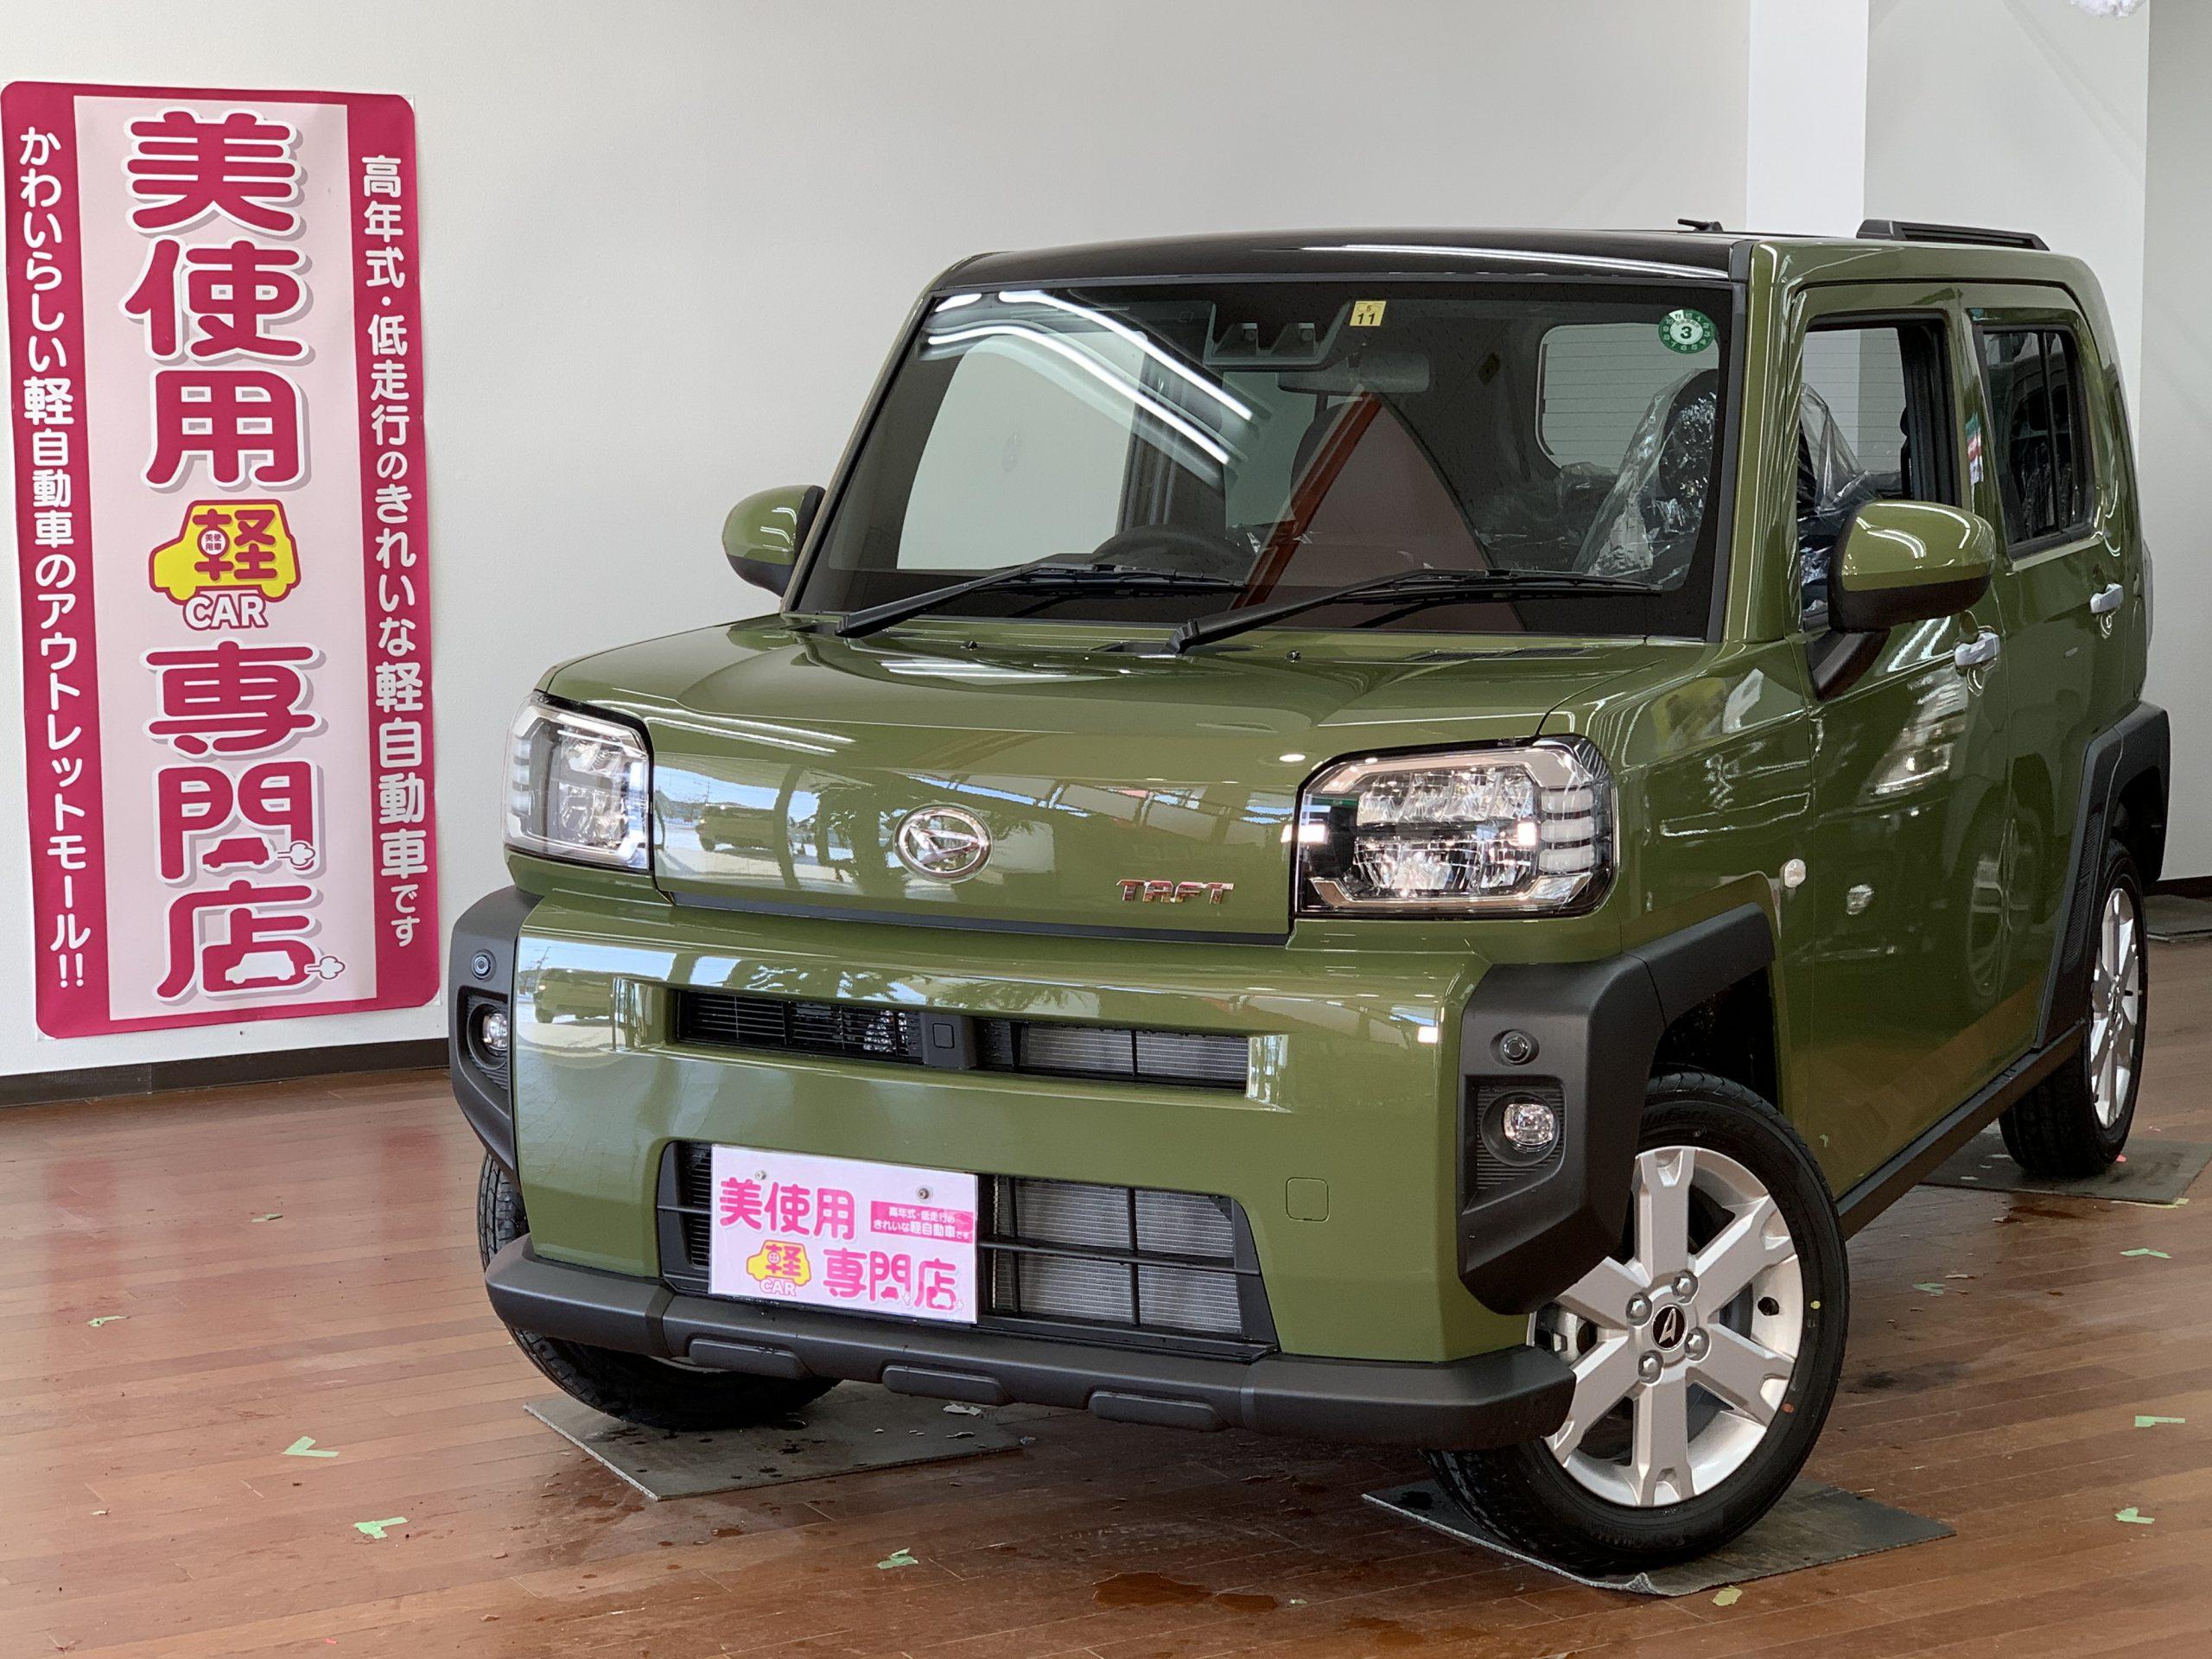 ダイハツ タフト660 G 4WD アイドリングストップ Pスタート (グリーン)